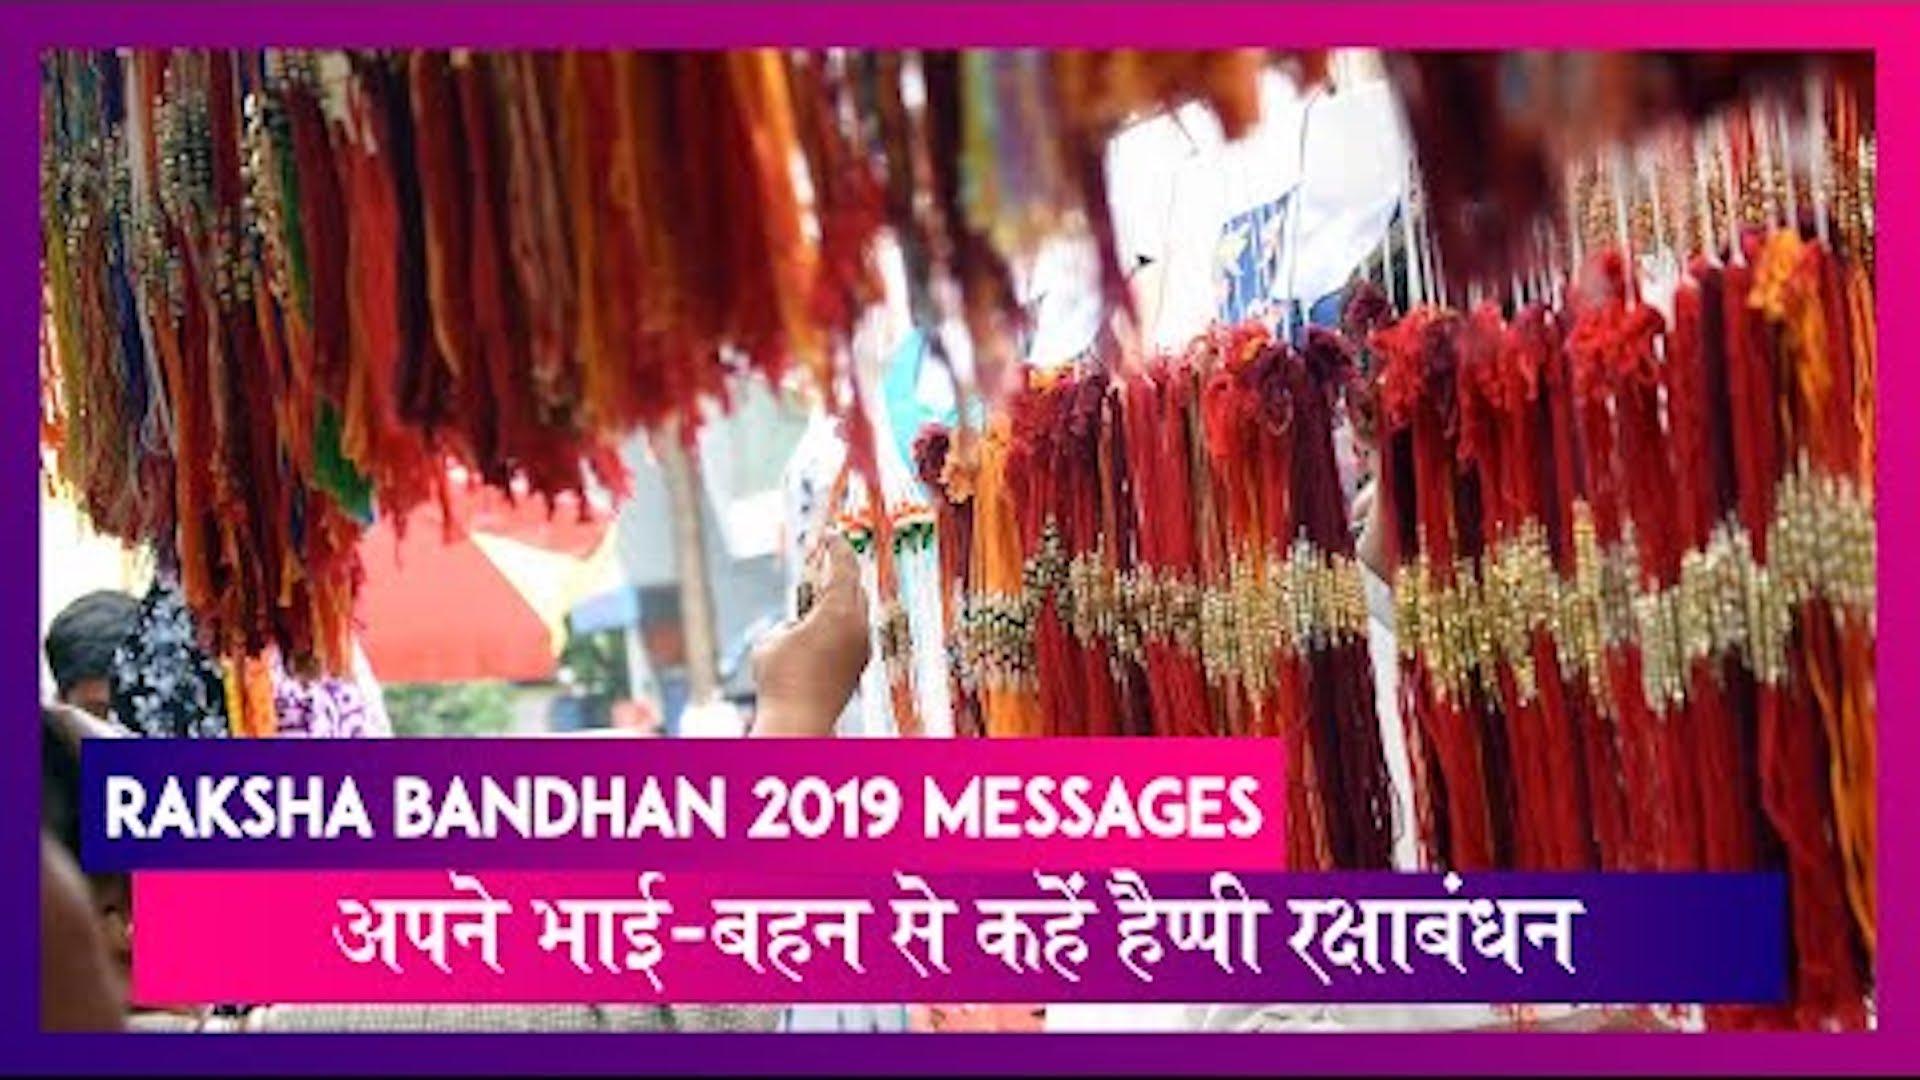 Raksha Bandhan 2019 Messages: इन विशेज व ग्रीटिंग्स के जरिए अपने भाई-बहन से कहें हैप्पी रक्षाबंधन